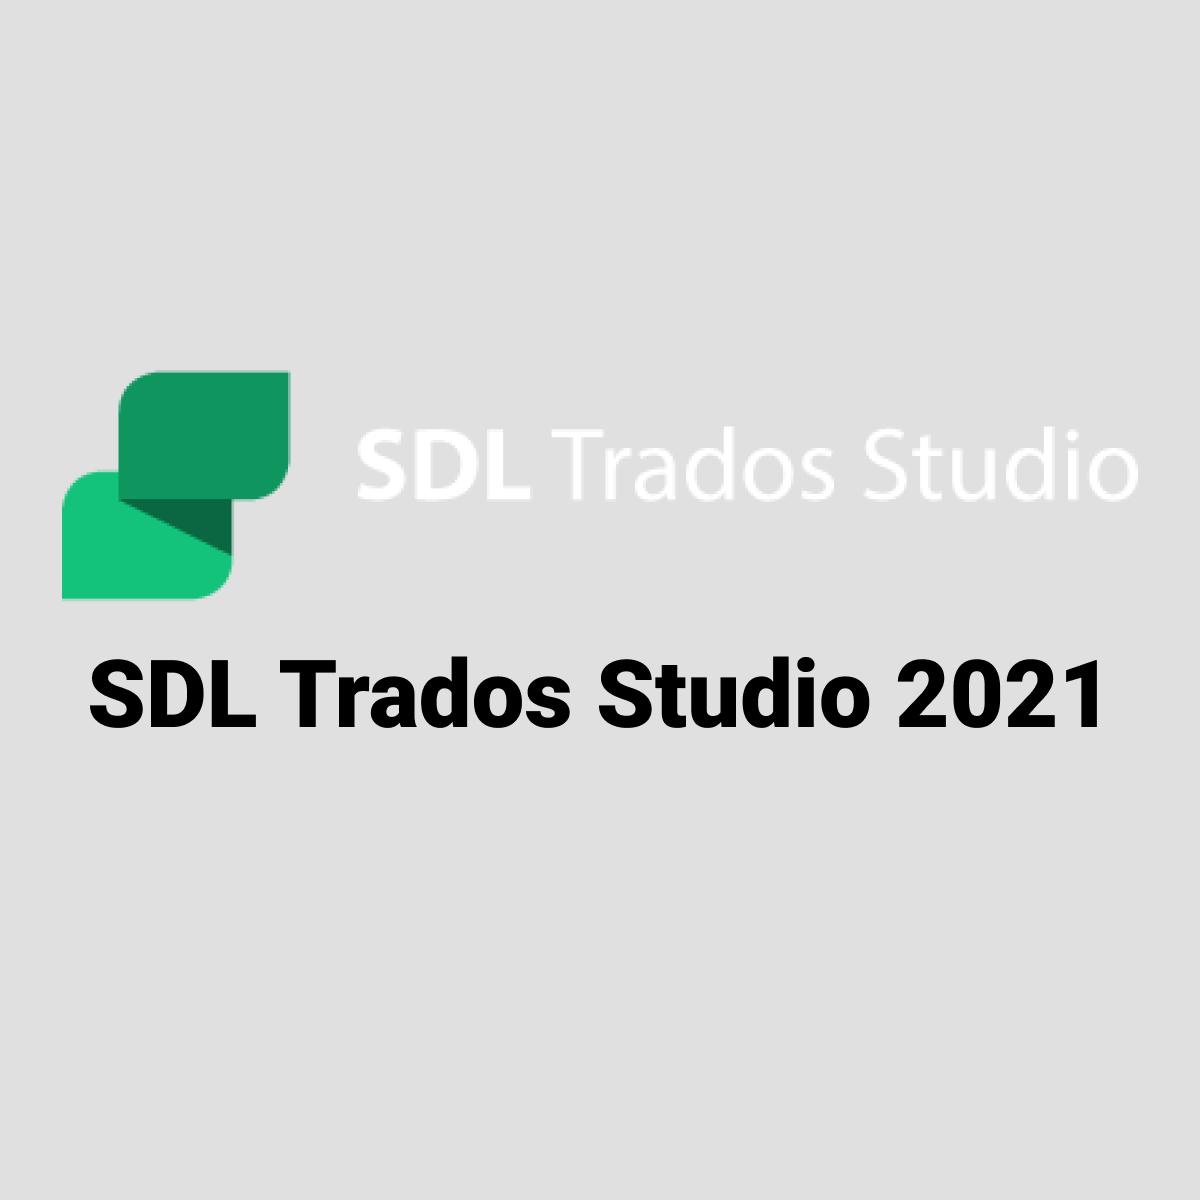 SDL Trados Studio 2021 Freelance